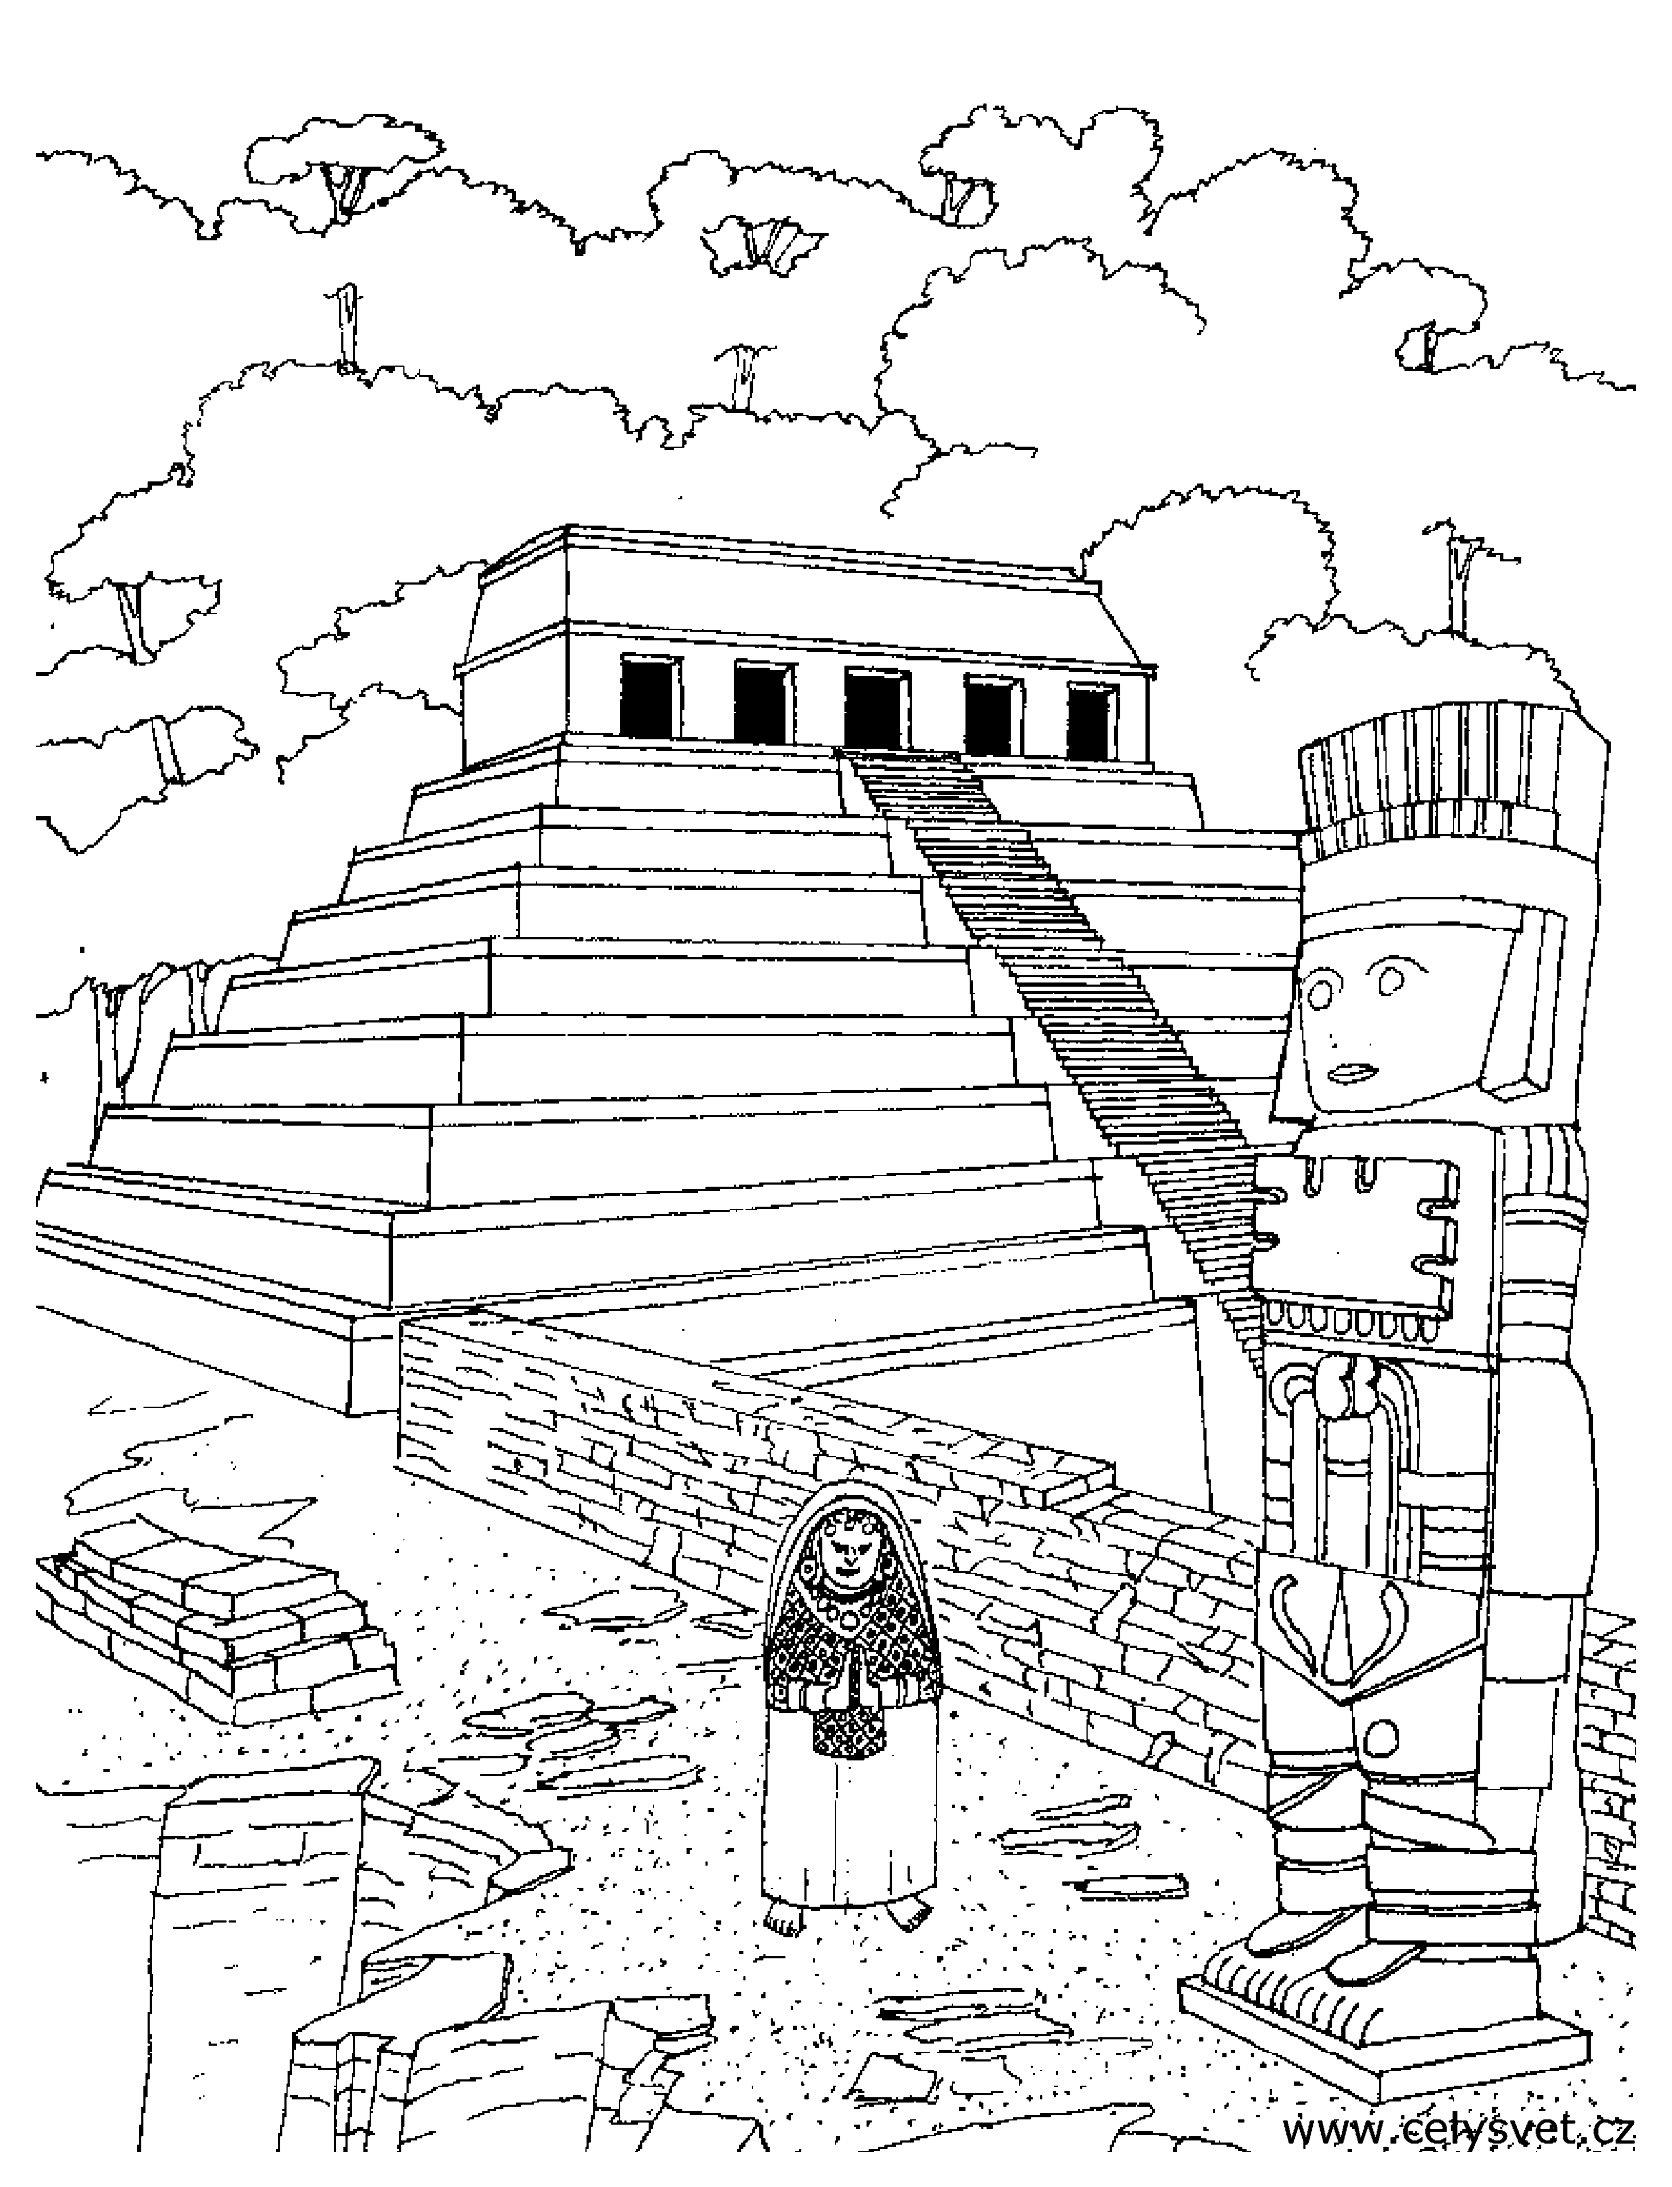 Disegni da colorare per adulti : Maya, Aztechi e Incas - 1